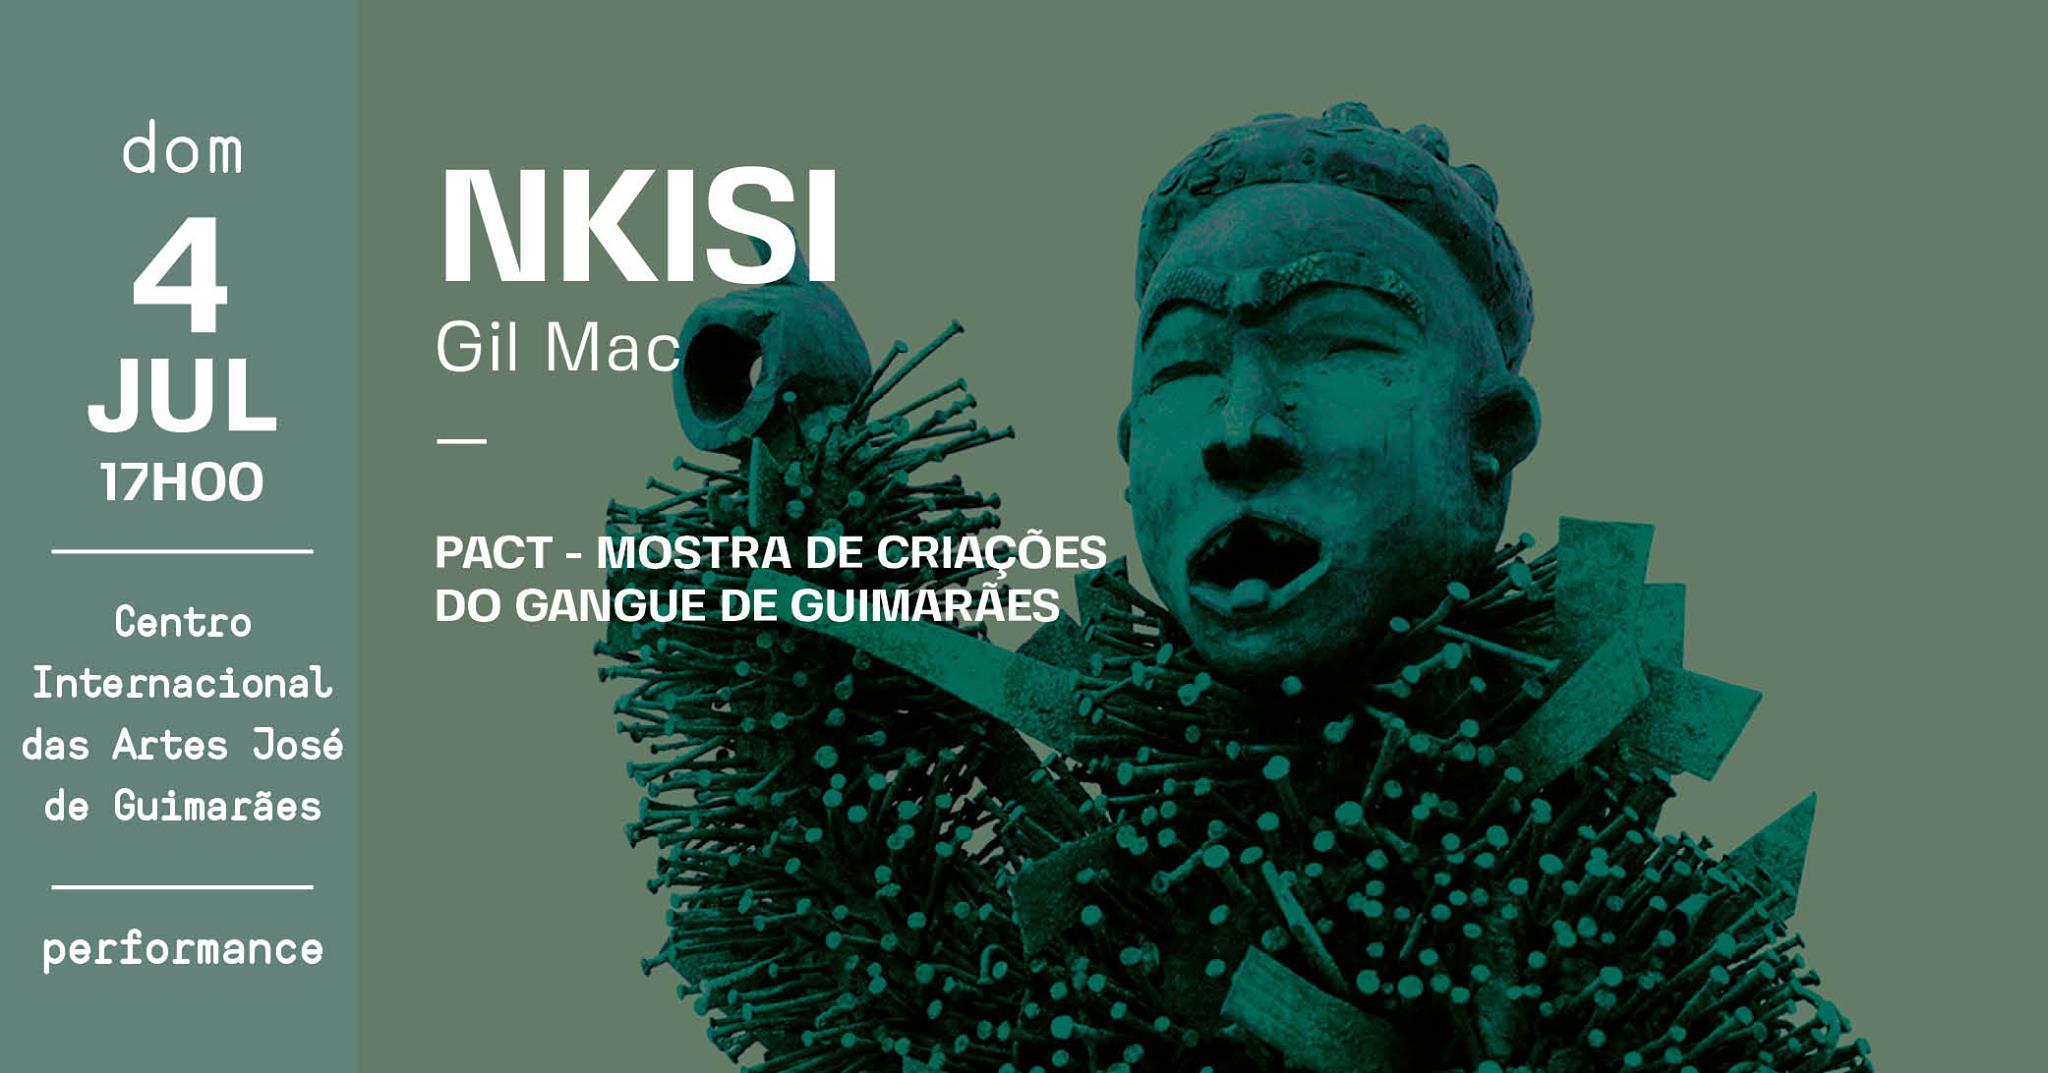 Nkisi • Gil Mac